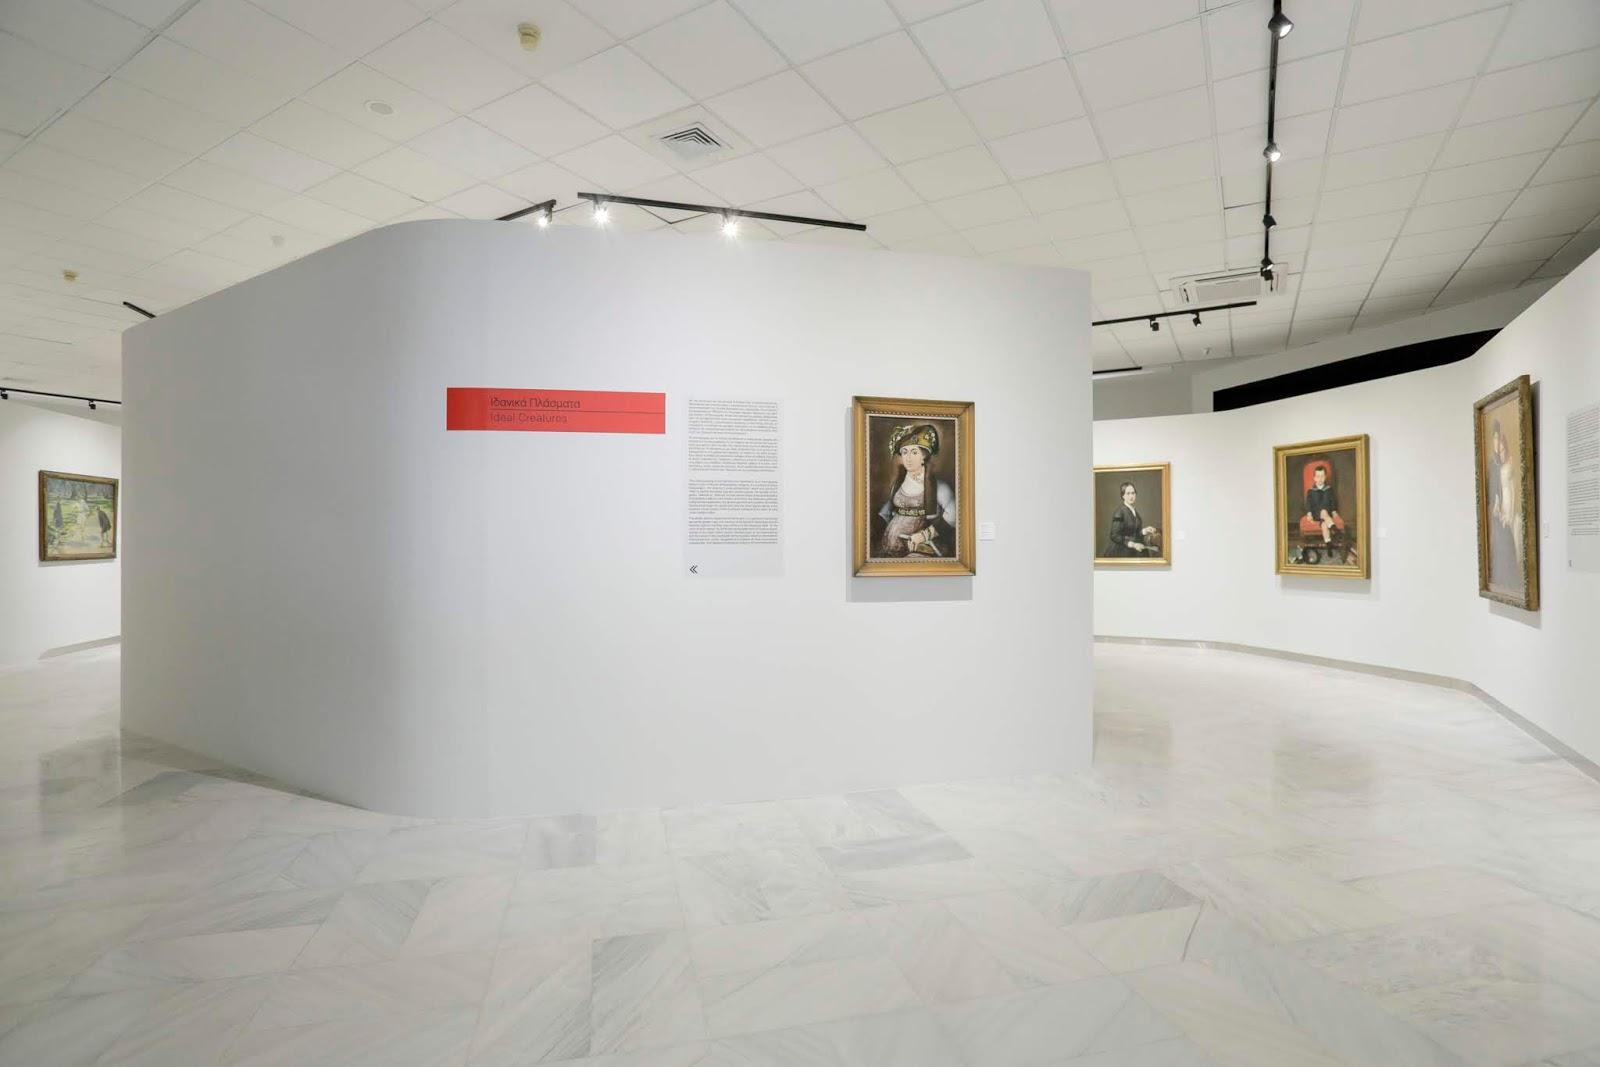 Ανοιχτές ξεναγήσεις στη Συλλογή Κατσίγρα